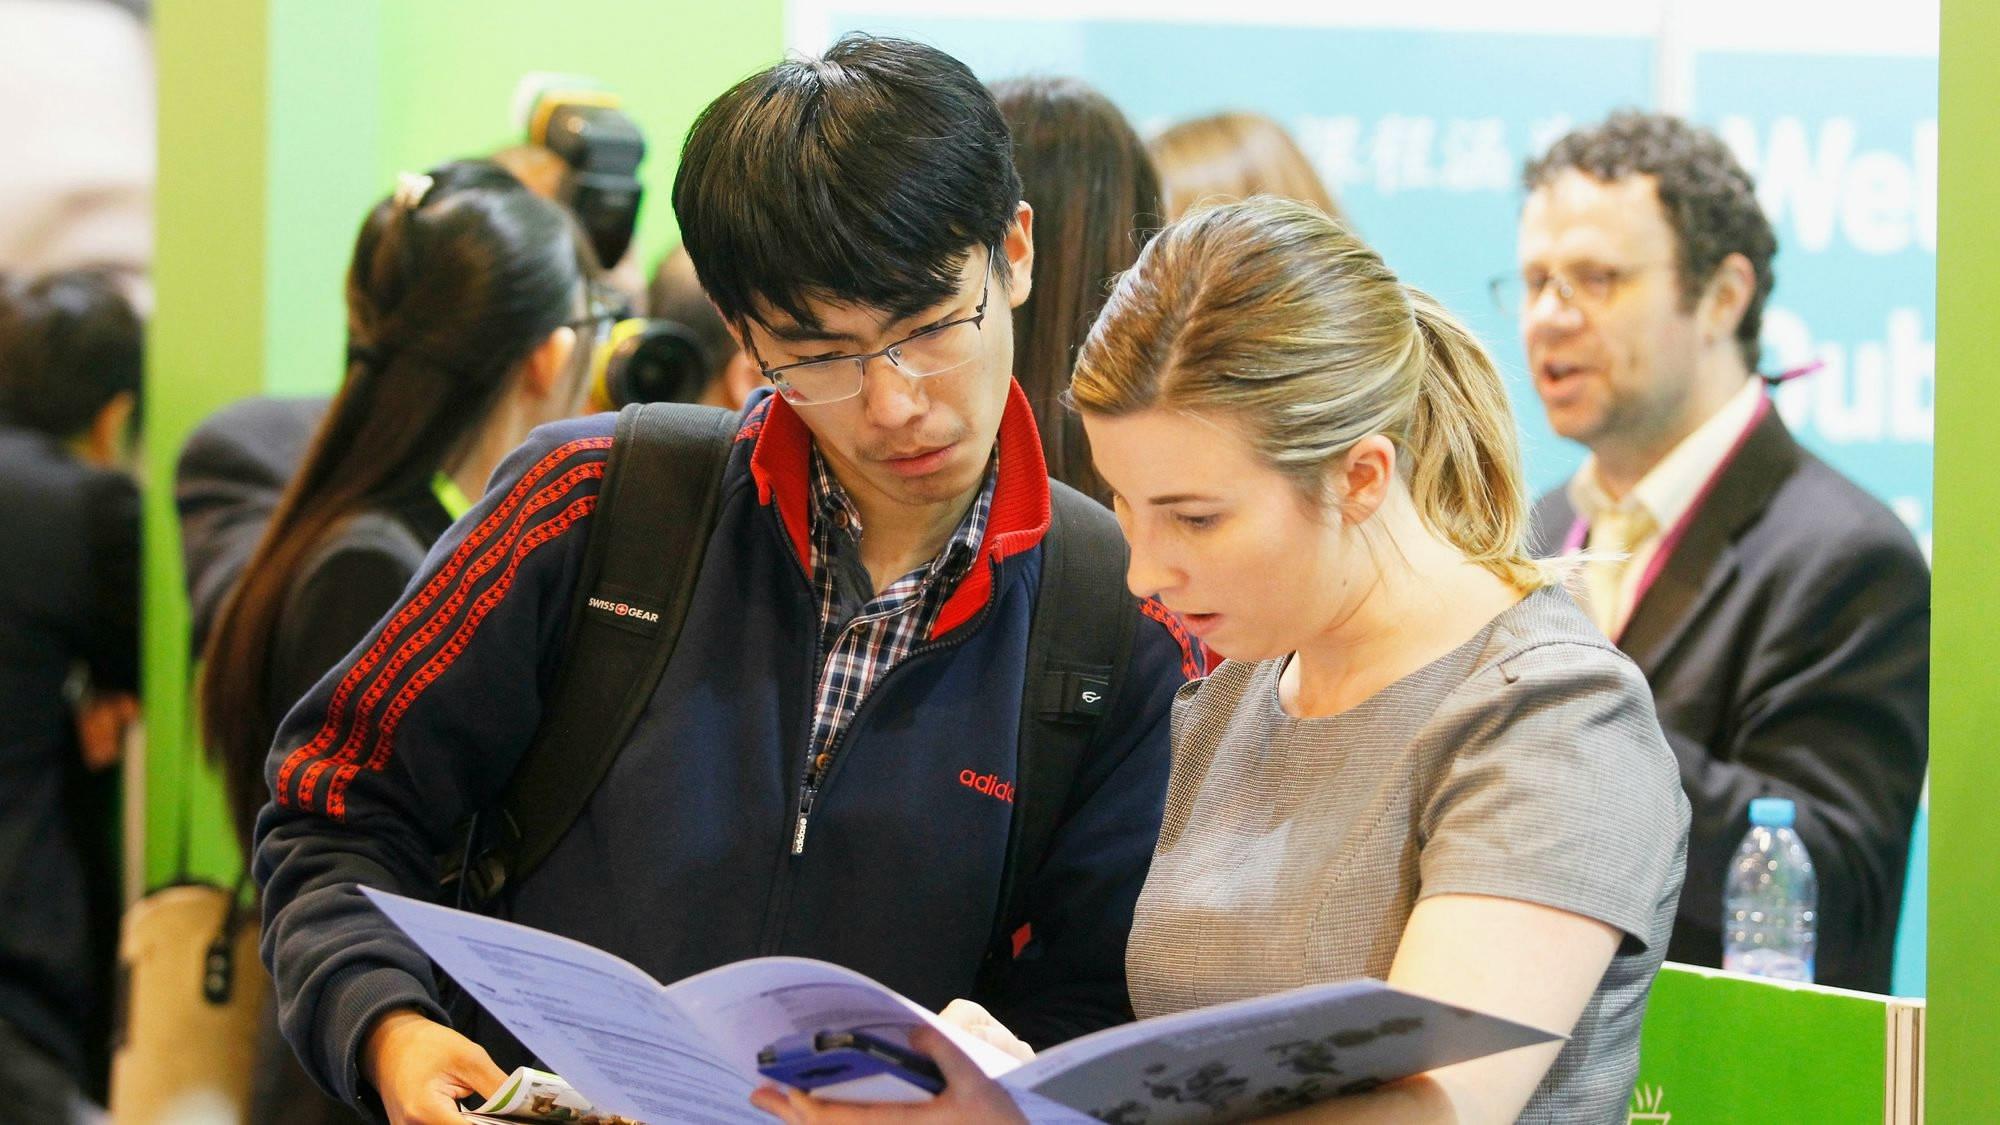 Overseas study procedures go digital in China